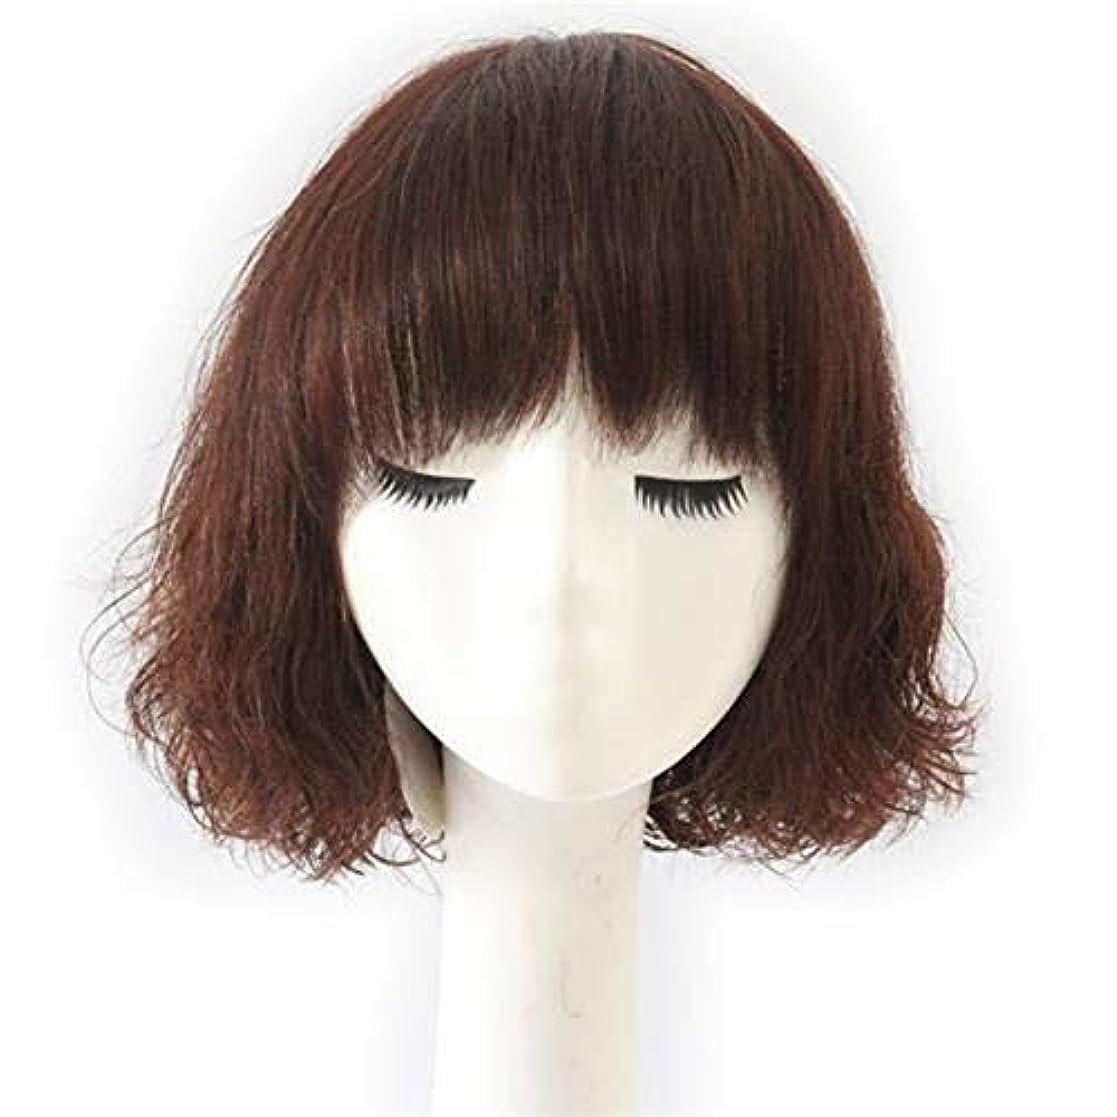 フィルタ影響力のあるフラグラントかつら 女性のファッションかつらのためのダークブラウンのリアルヘアウィッグショートカーリーペアヘッド (色 : Natural color)